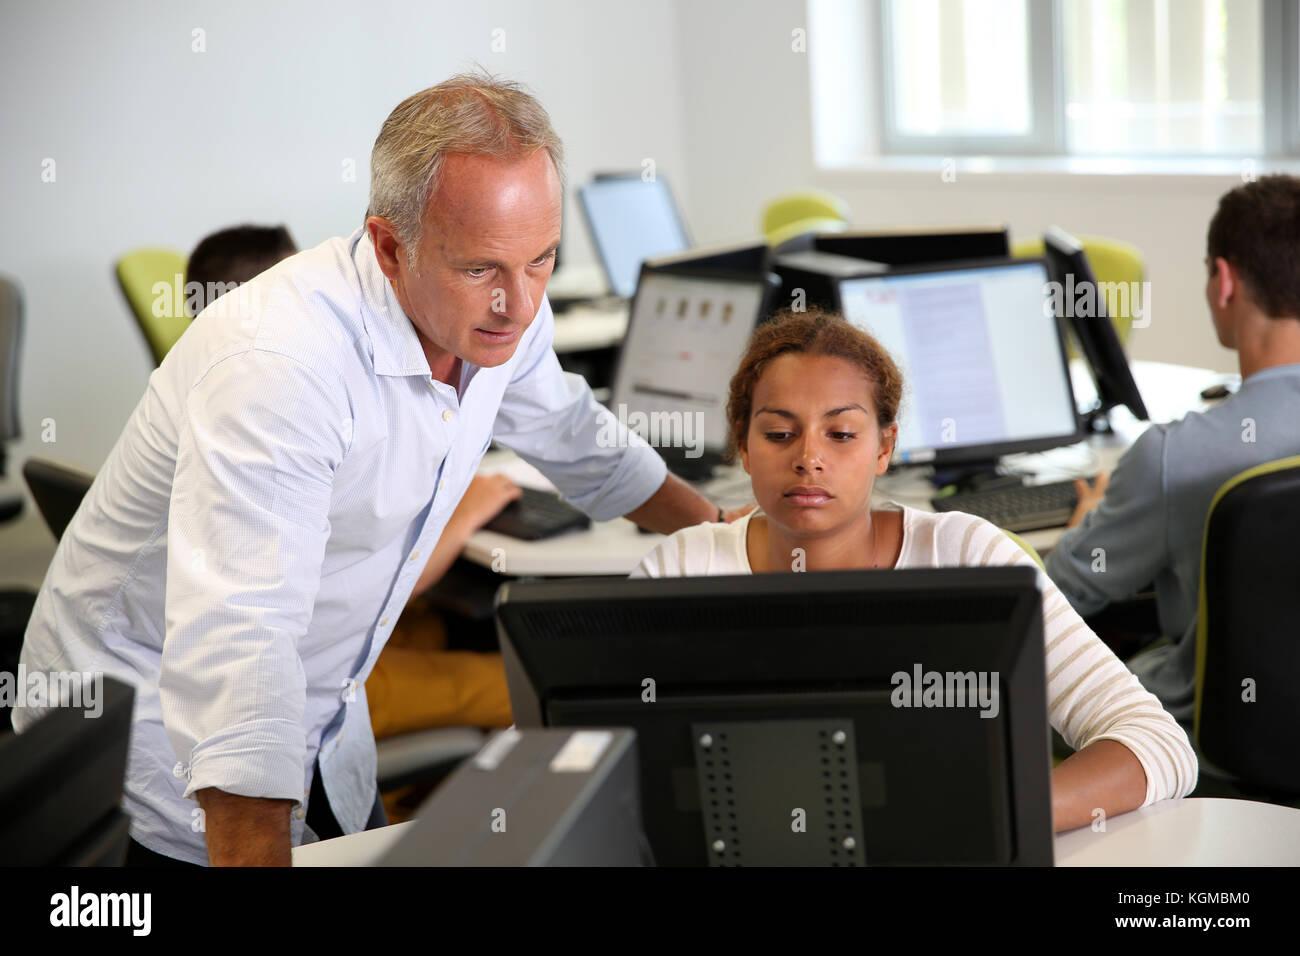 Profesor con el estudiante trabaja en el equipo de escritorio Imagen De Stock